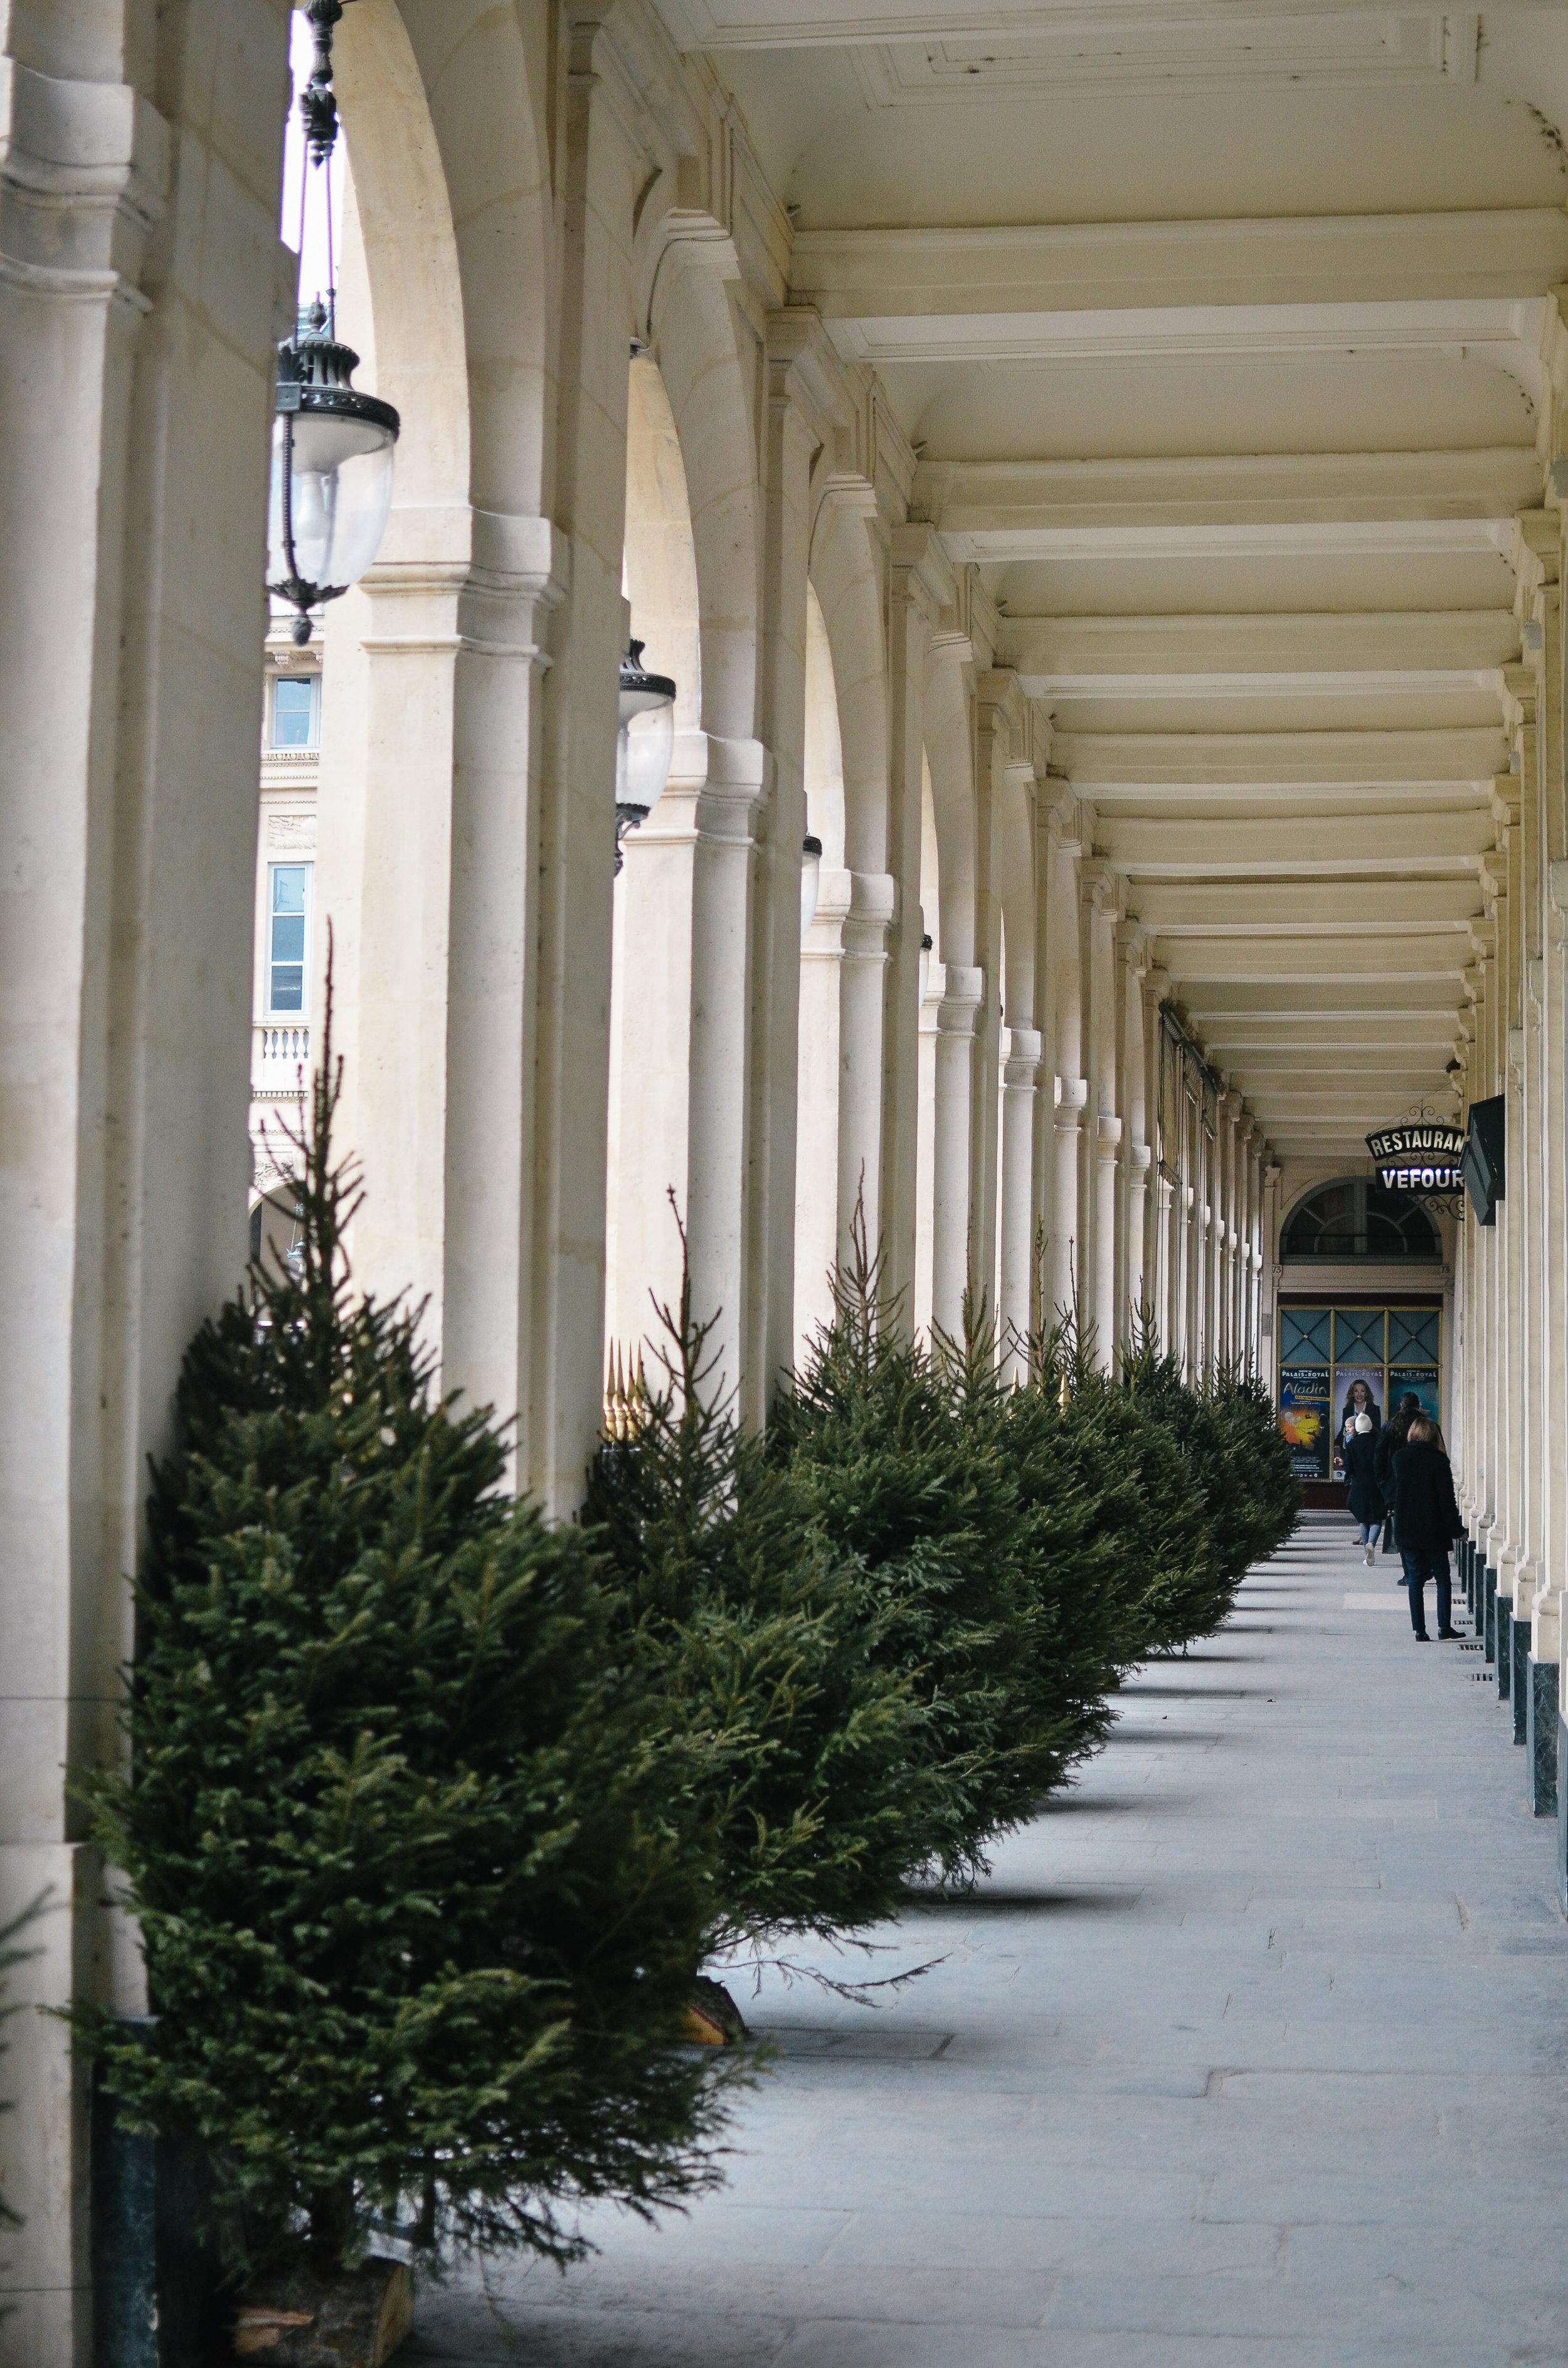 paris-france-travel-guide-lifeonpine_DSC_0465.jpg